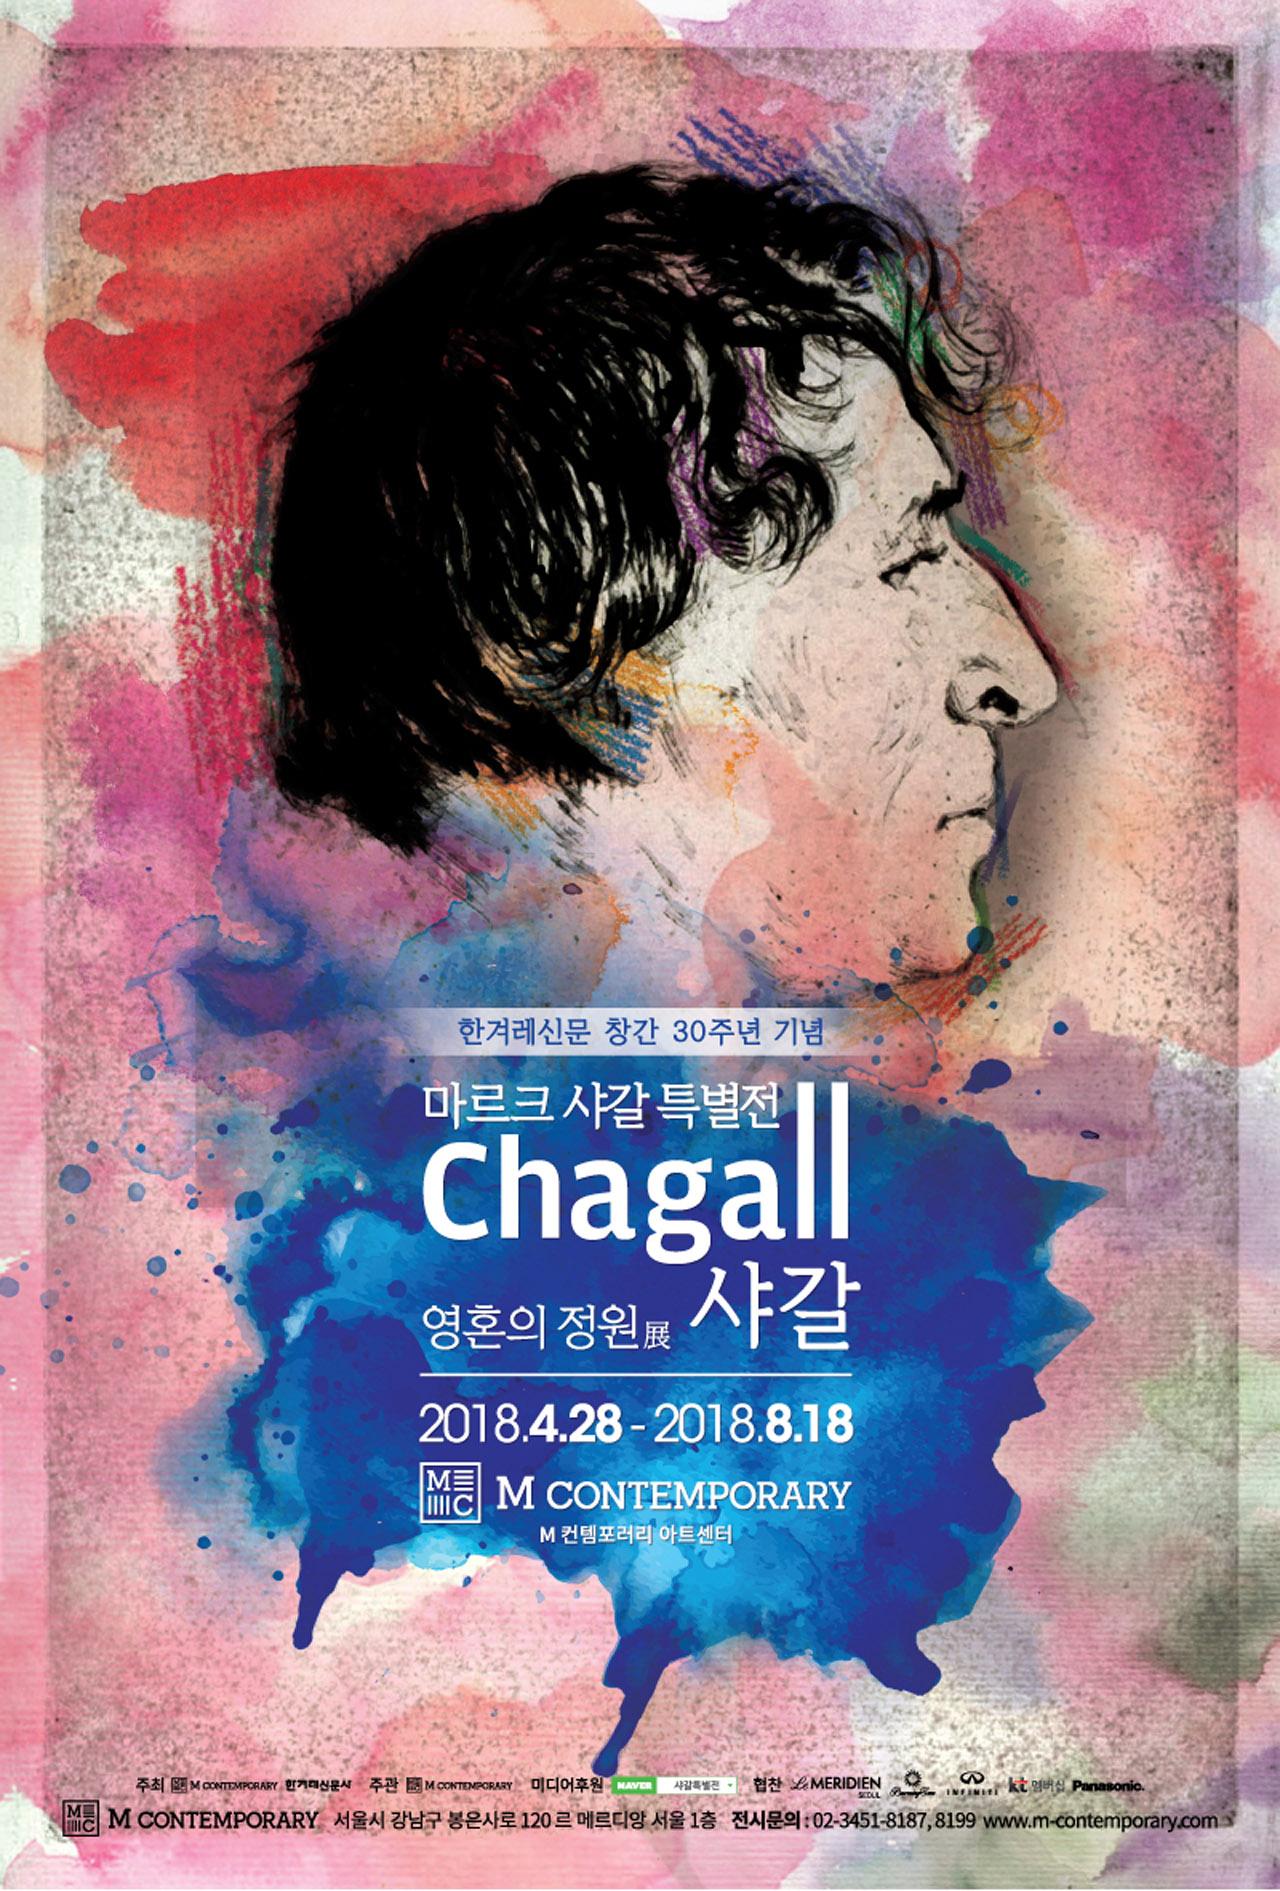 [사진자료] 인피니티 코리아, 마르크 샤갈 특별전 후원 기념 이벤트 실시 (2)_전시회 포스터